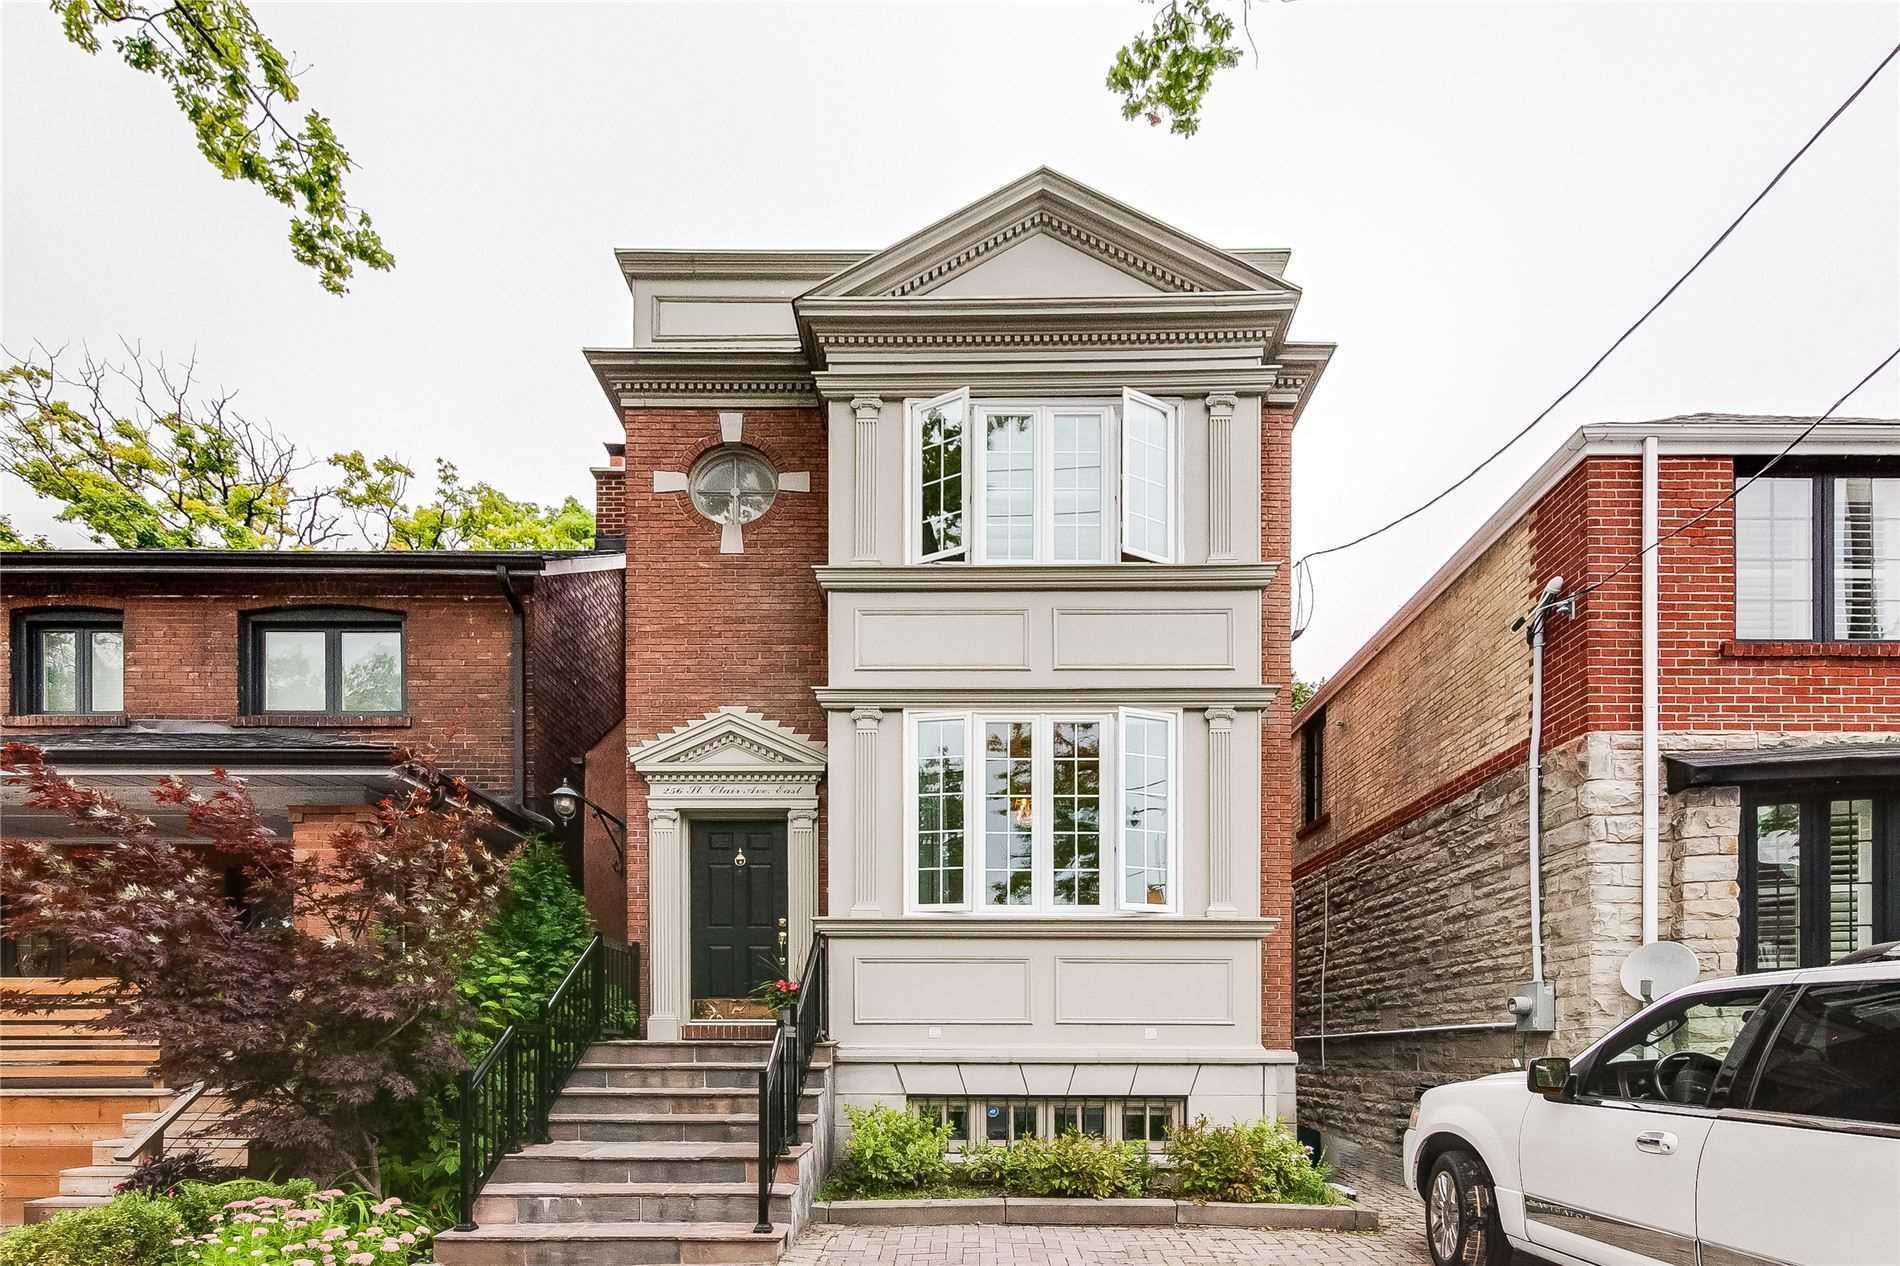 256 St Clair Ave E, Toronto